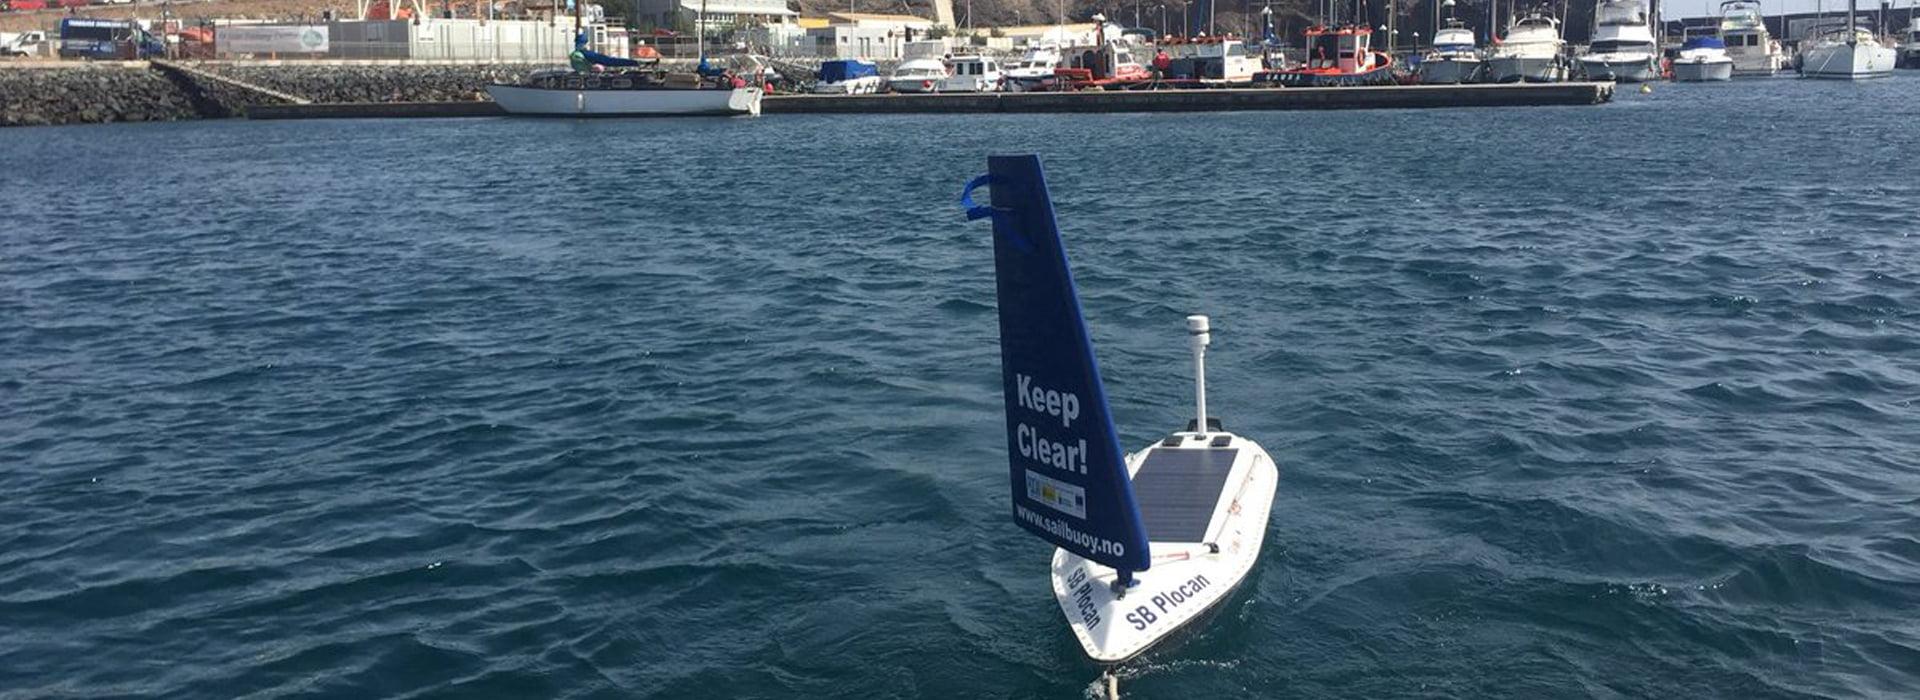 Robotvitorlás szelte át az óceánt